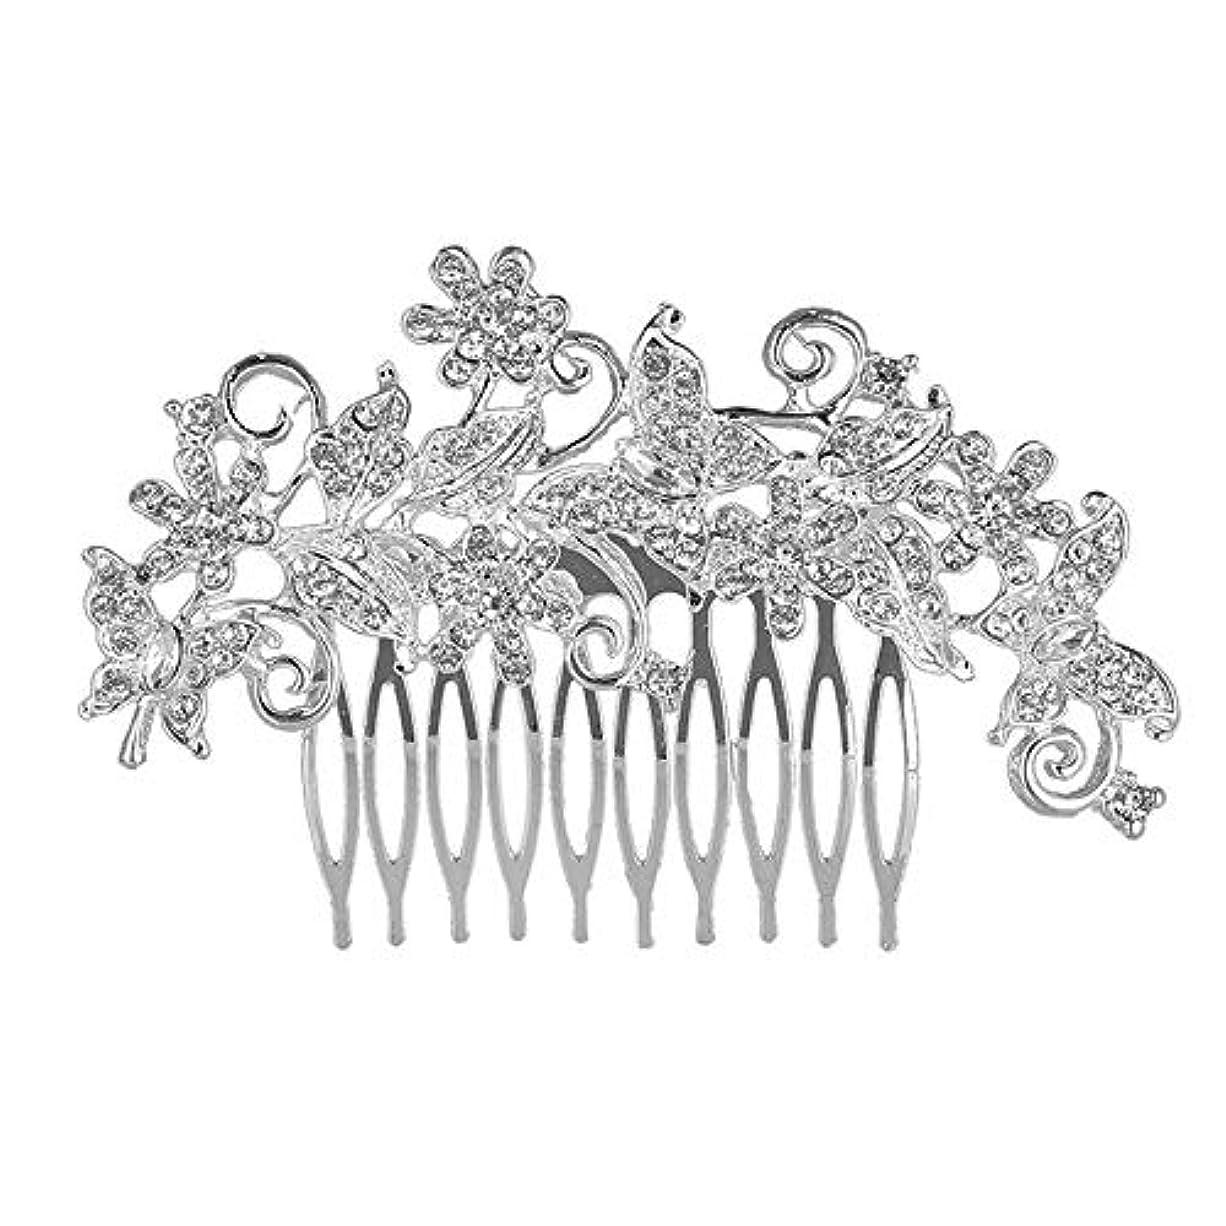 ありがたい恥ずかしさ調子韓国のヘアアクセサリー_韓国の花嫁のヘアアクセサリー日の花のヘッドドレスファッションヘアコーム花嫁合金結婚式結婚式卸売